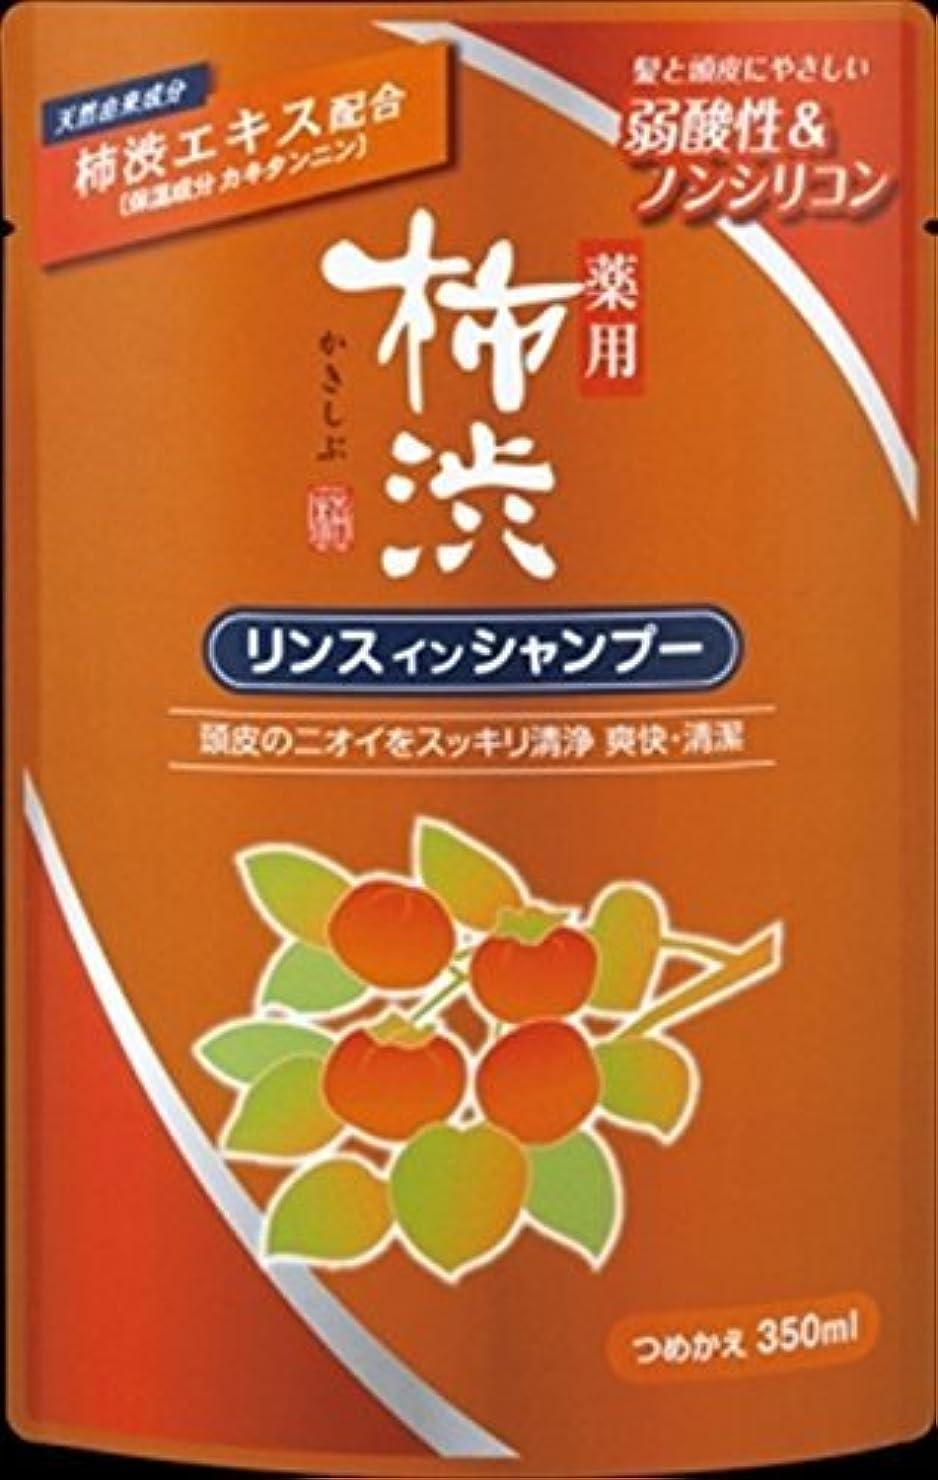 コック櫛によって熊野油脂 薬用柿渋リンスインシャンプー つめかえ用 350ml(医薬部外品)